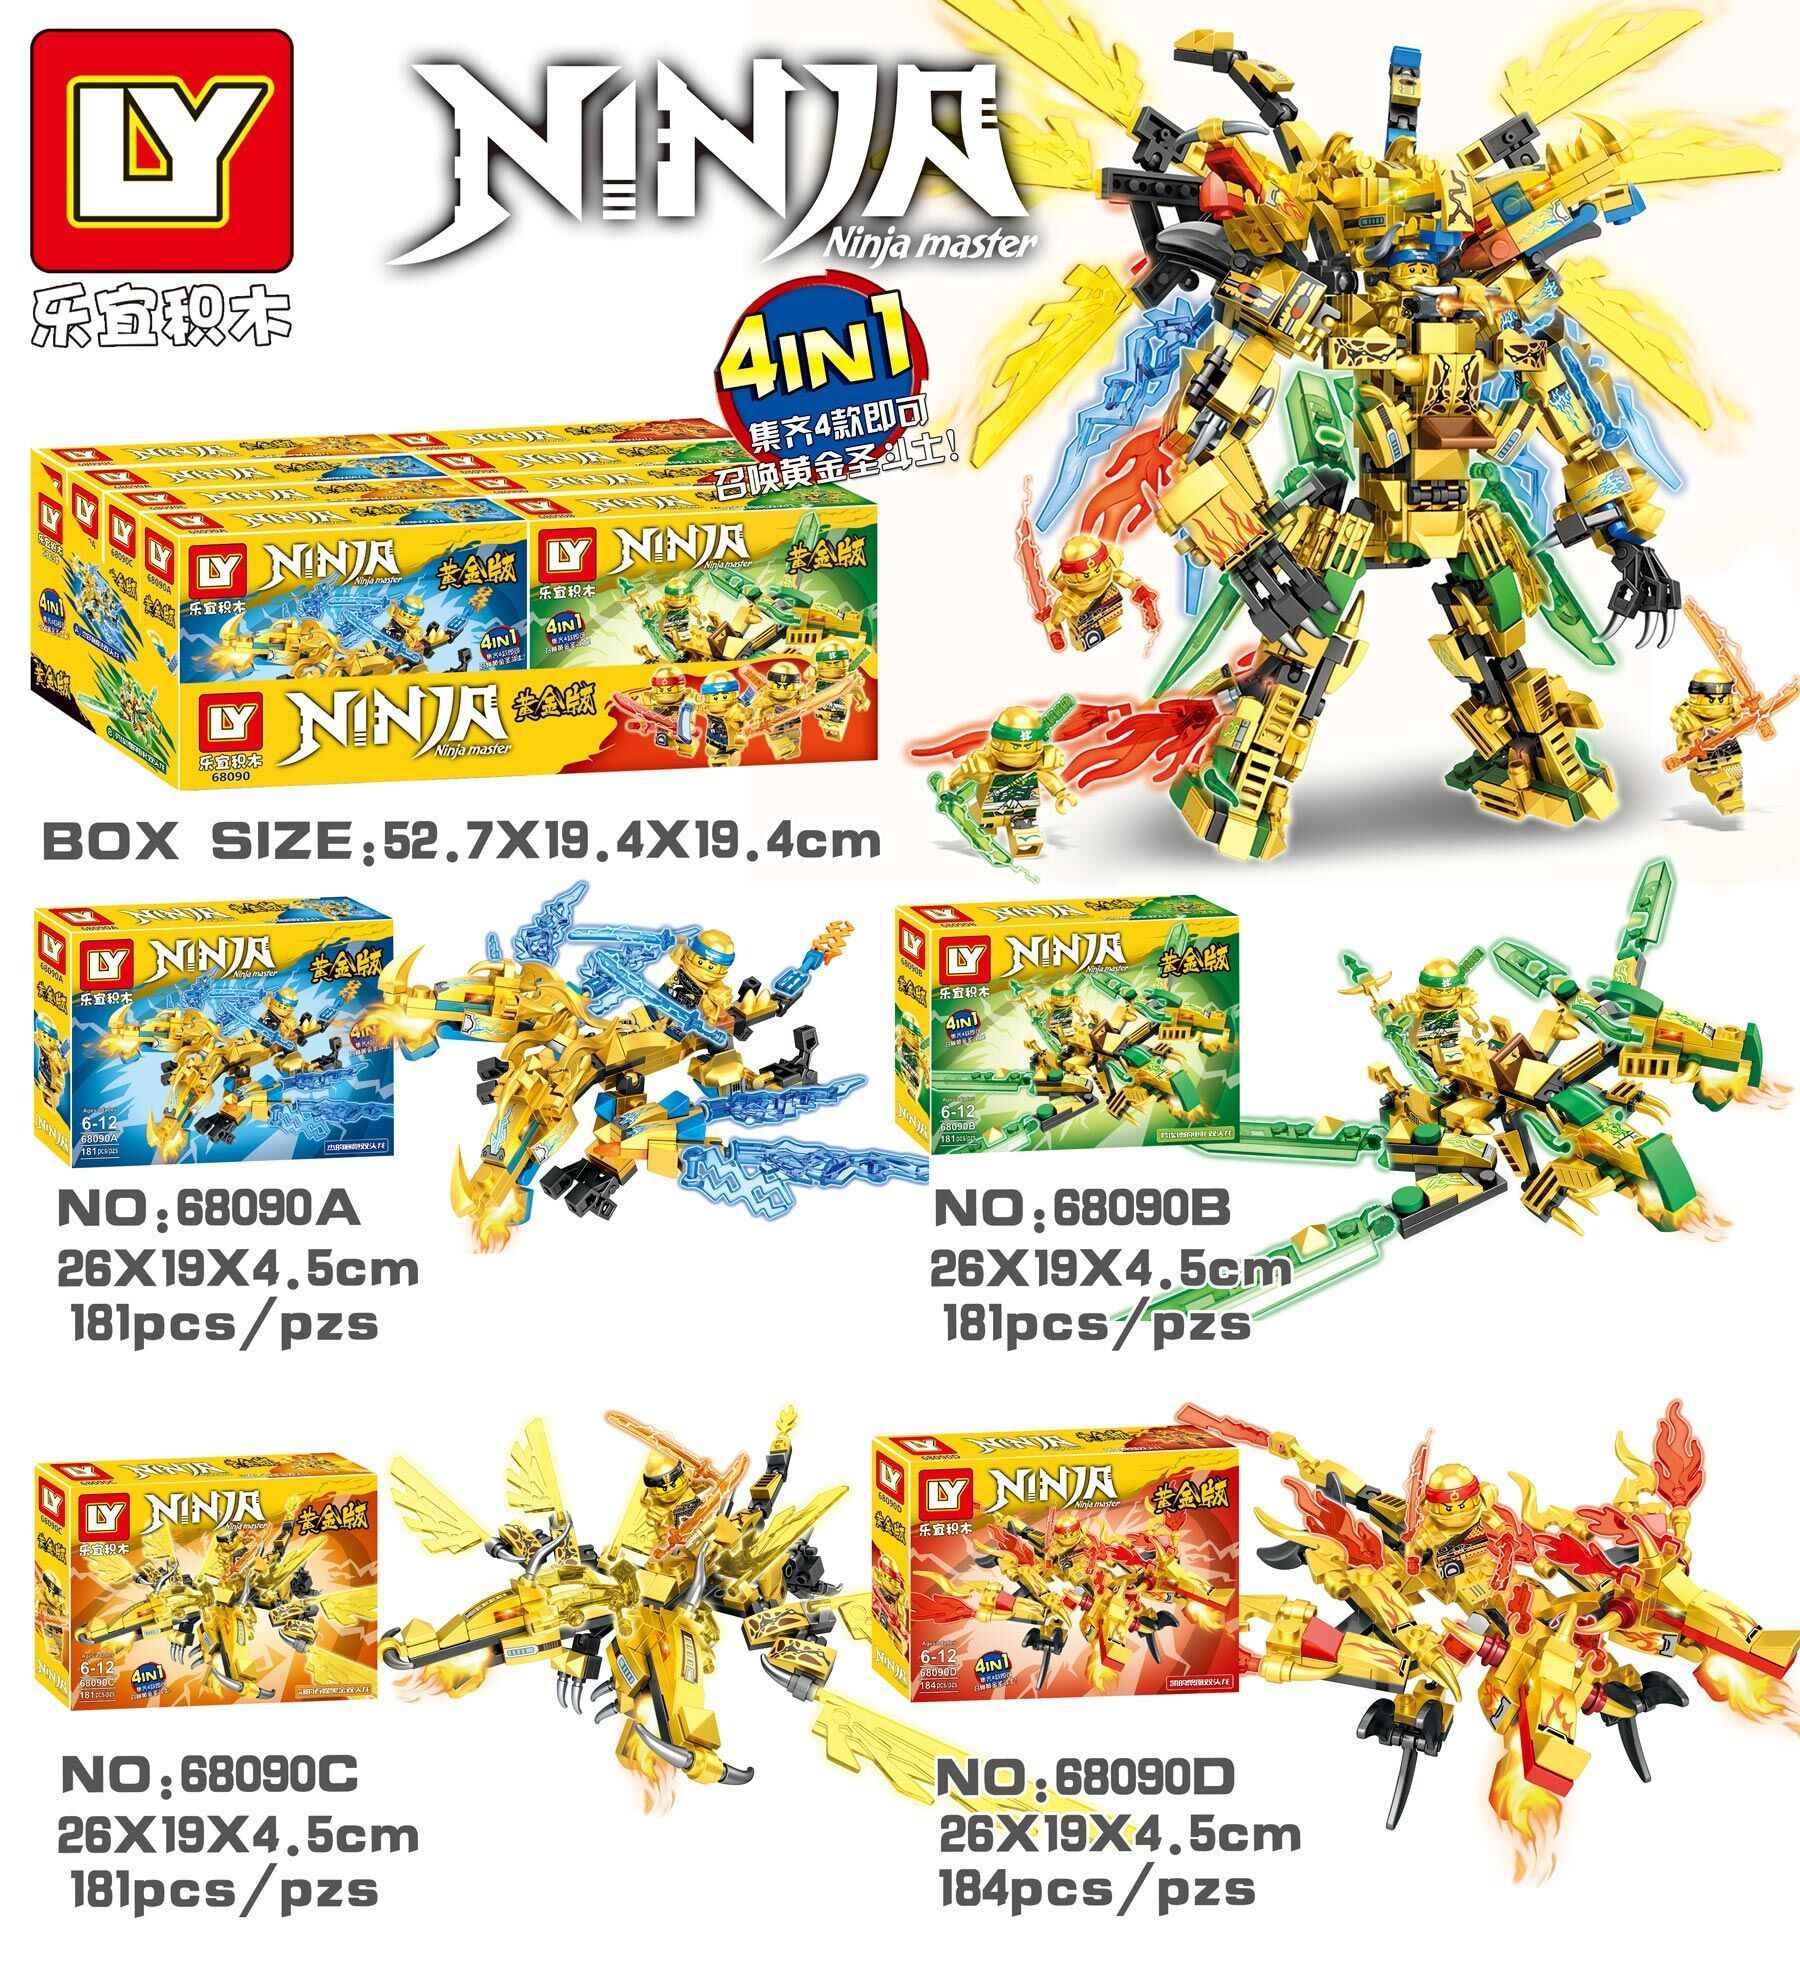 ¡Nuevo! Bloques de construcción 727 Uds 4in1 Ninja Golden Mecha, juguetes educativos para niños